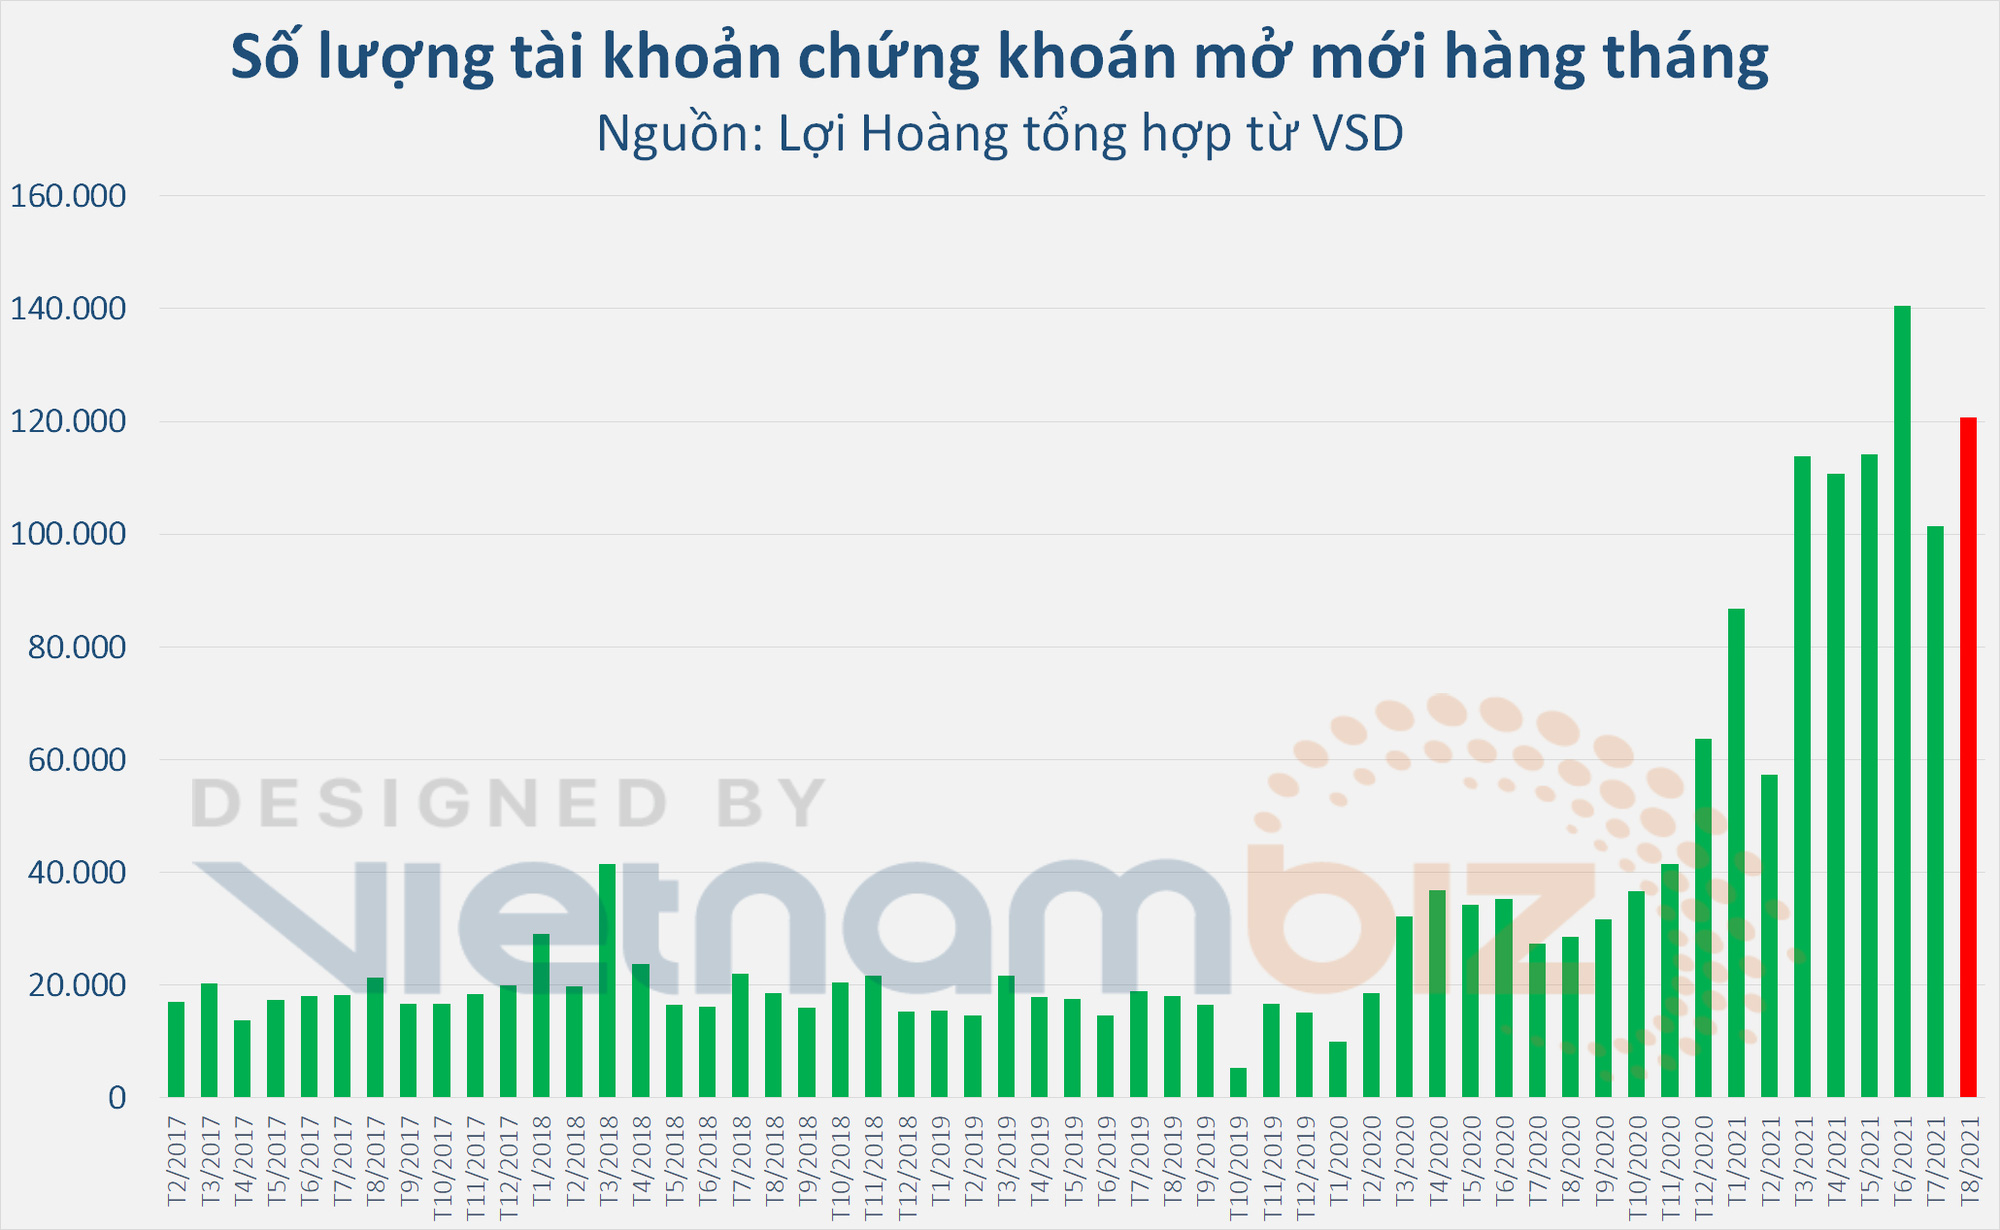 Người dân ồ ạt mở tài khoản chứng khoán giữa mùa dịch, tiến gần mức 4% dân số Việt Nam - Ảnh 1.